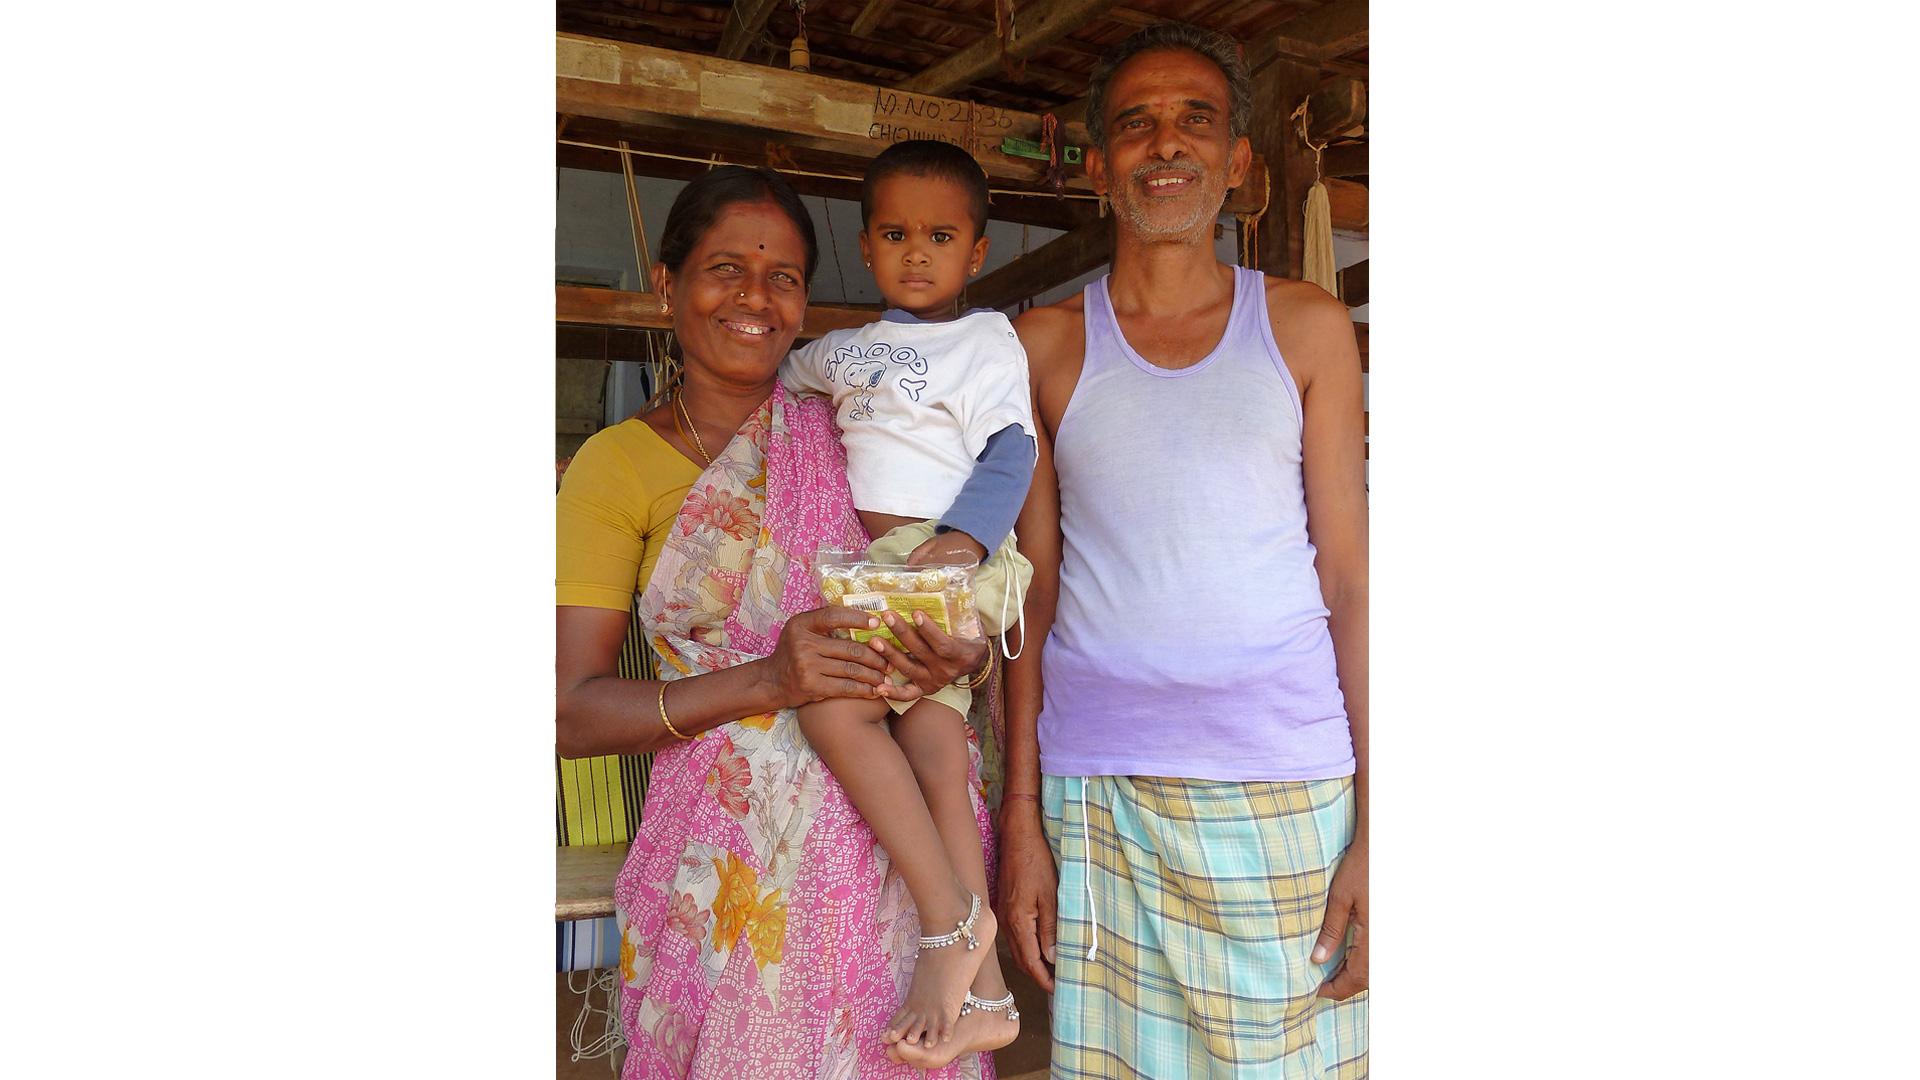 Umfangreiche Sozialleistungen sind in Indien nicht selbstverständlich: Die Mitglieder von CO-OPTEX dagegen erhalten z. B. Kranken- und Rentenversicherung.